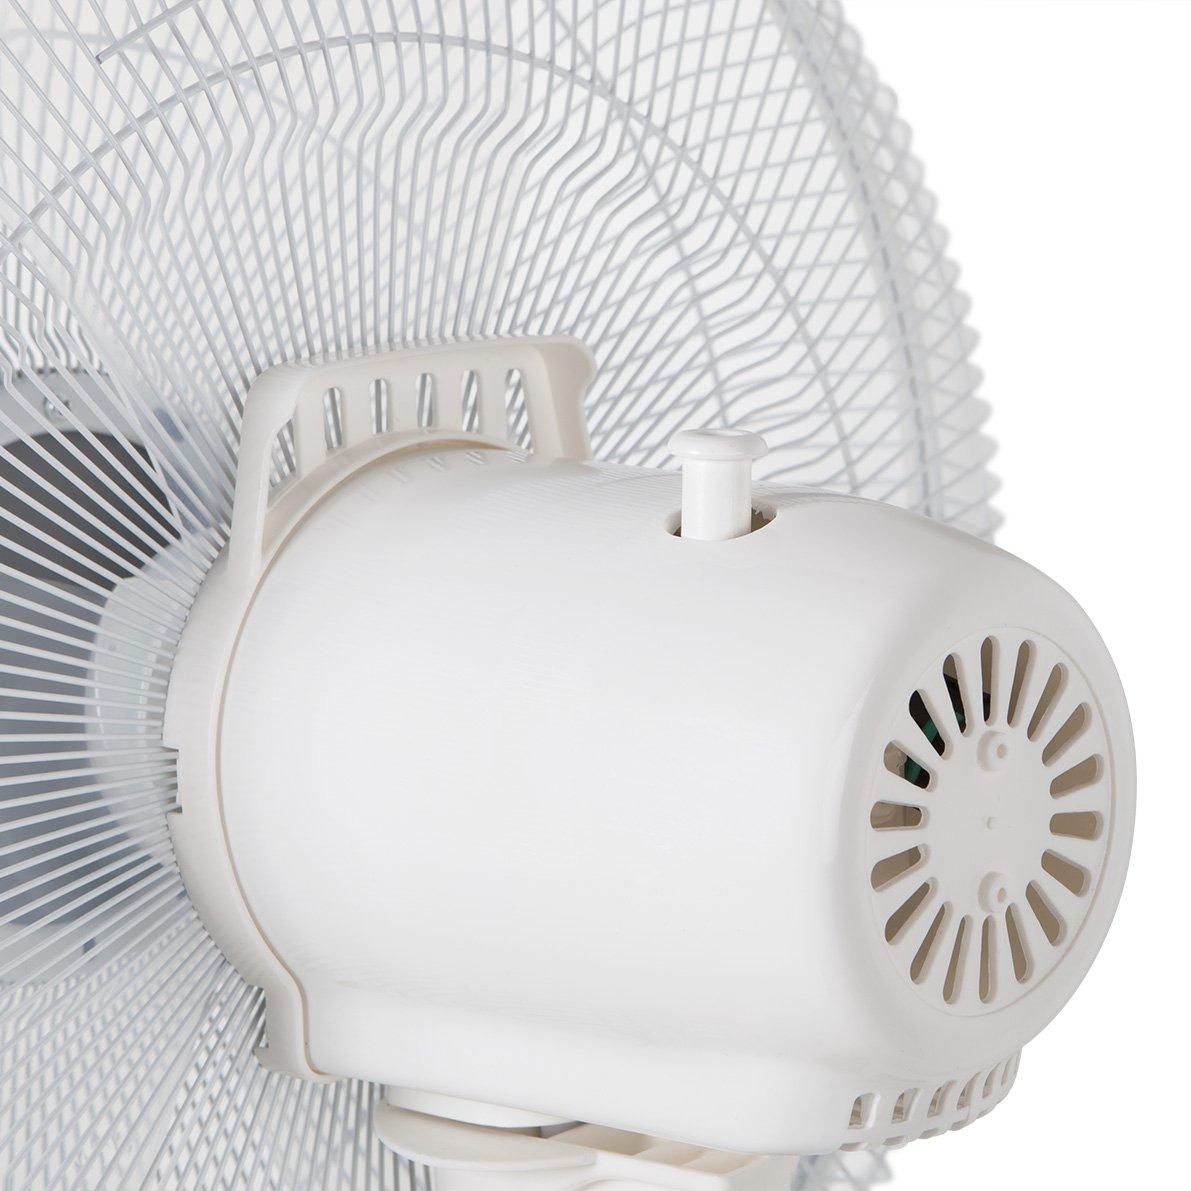 Foto de la parte trasera del ventilador